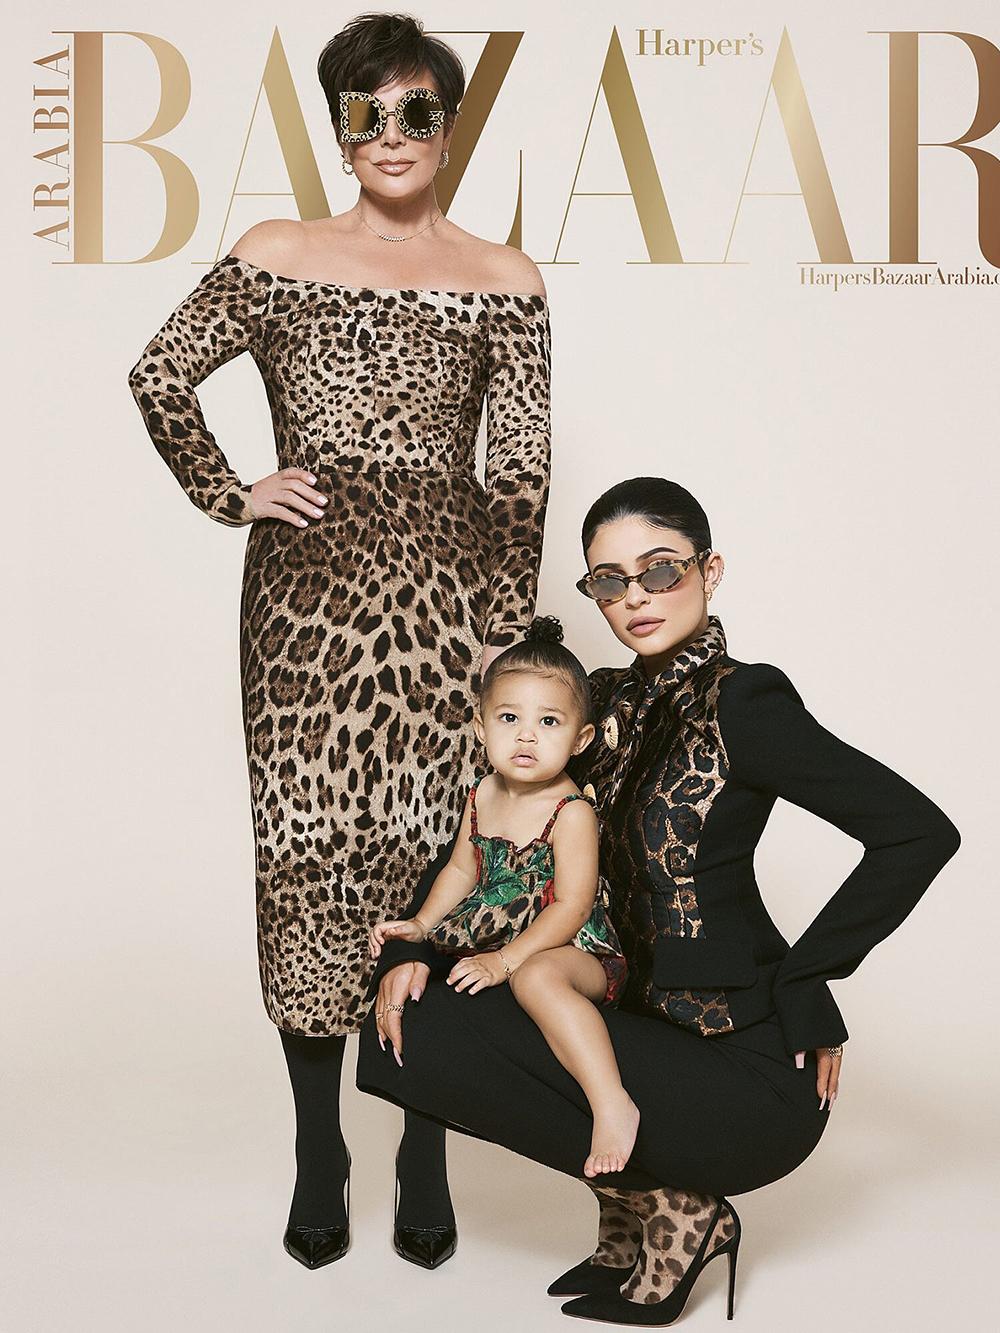 Det er ikke første gang Kylie Jenner putter datteren Stormi på coveret